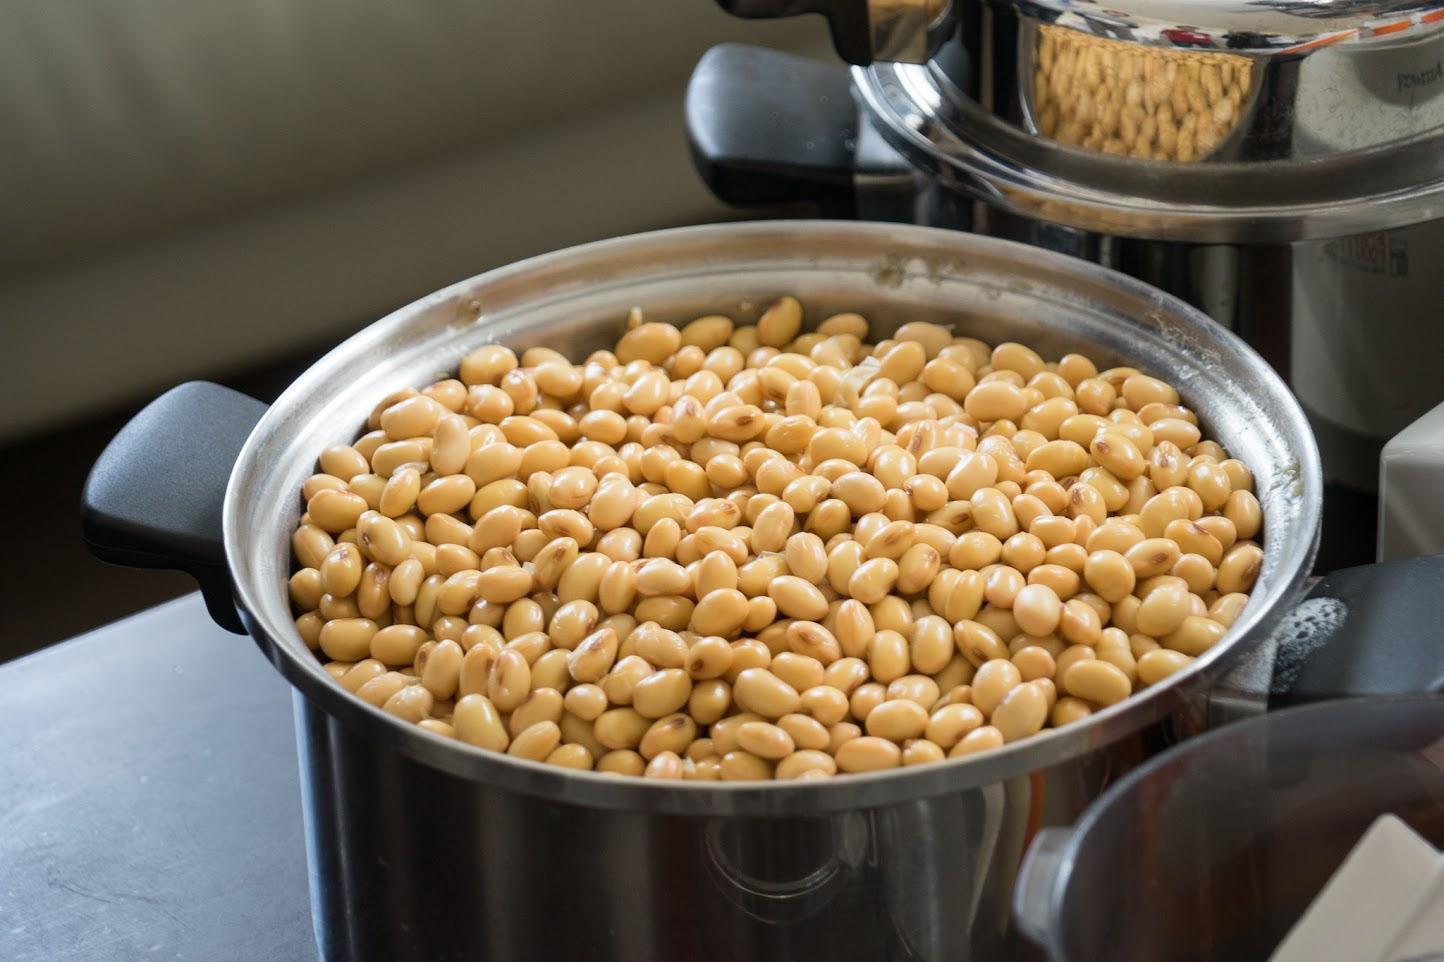 茹でた大豆・3Kg